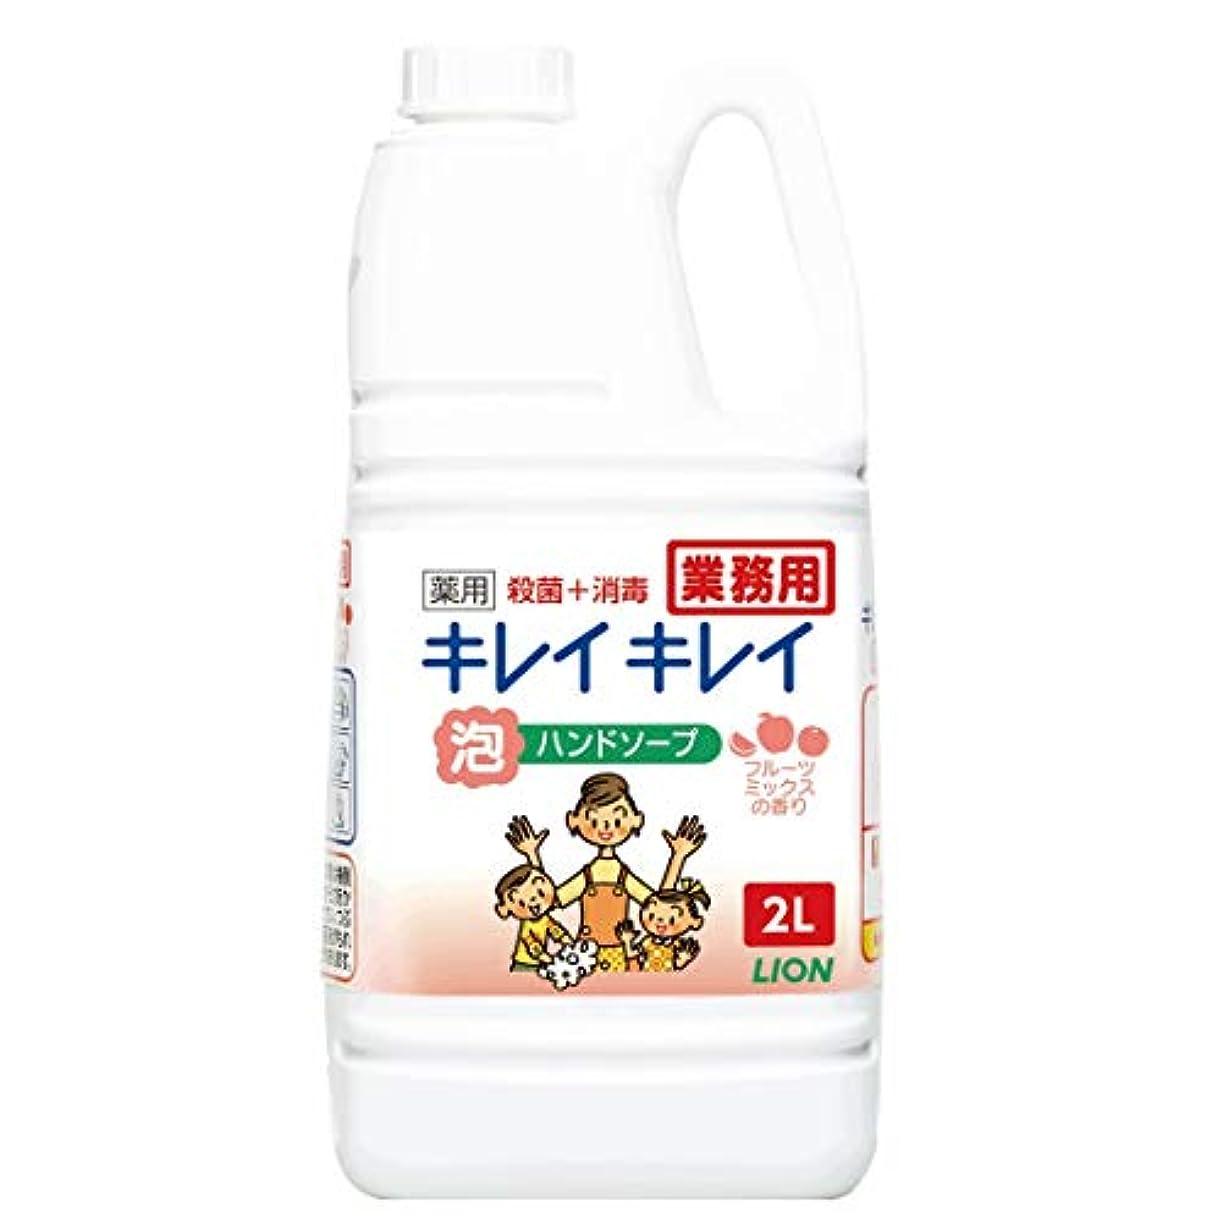 マイクパラナ川びっくりした【大容量】キレイキレイ 薬用泡ハンドソープ フルーツミックスの香り 2L